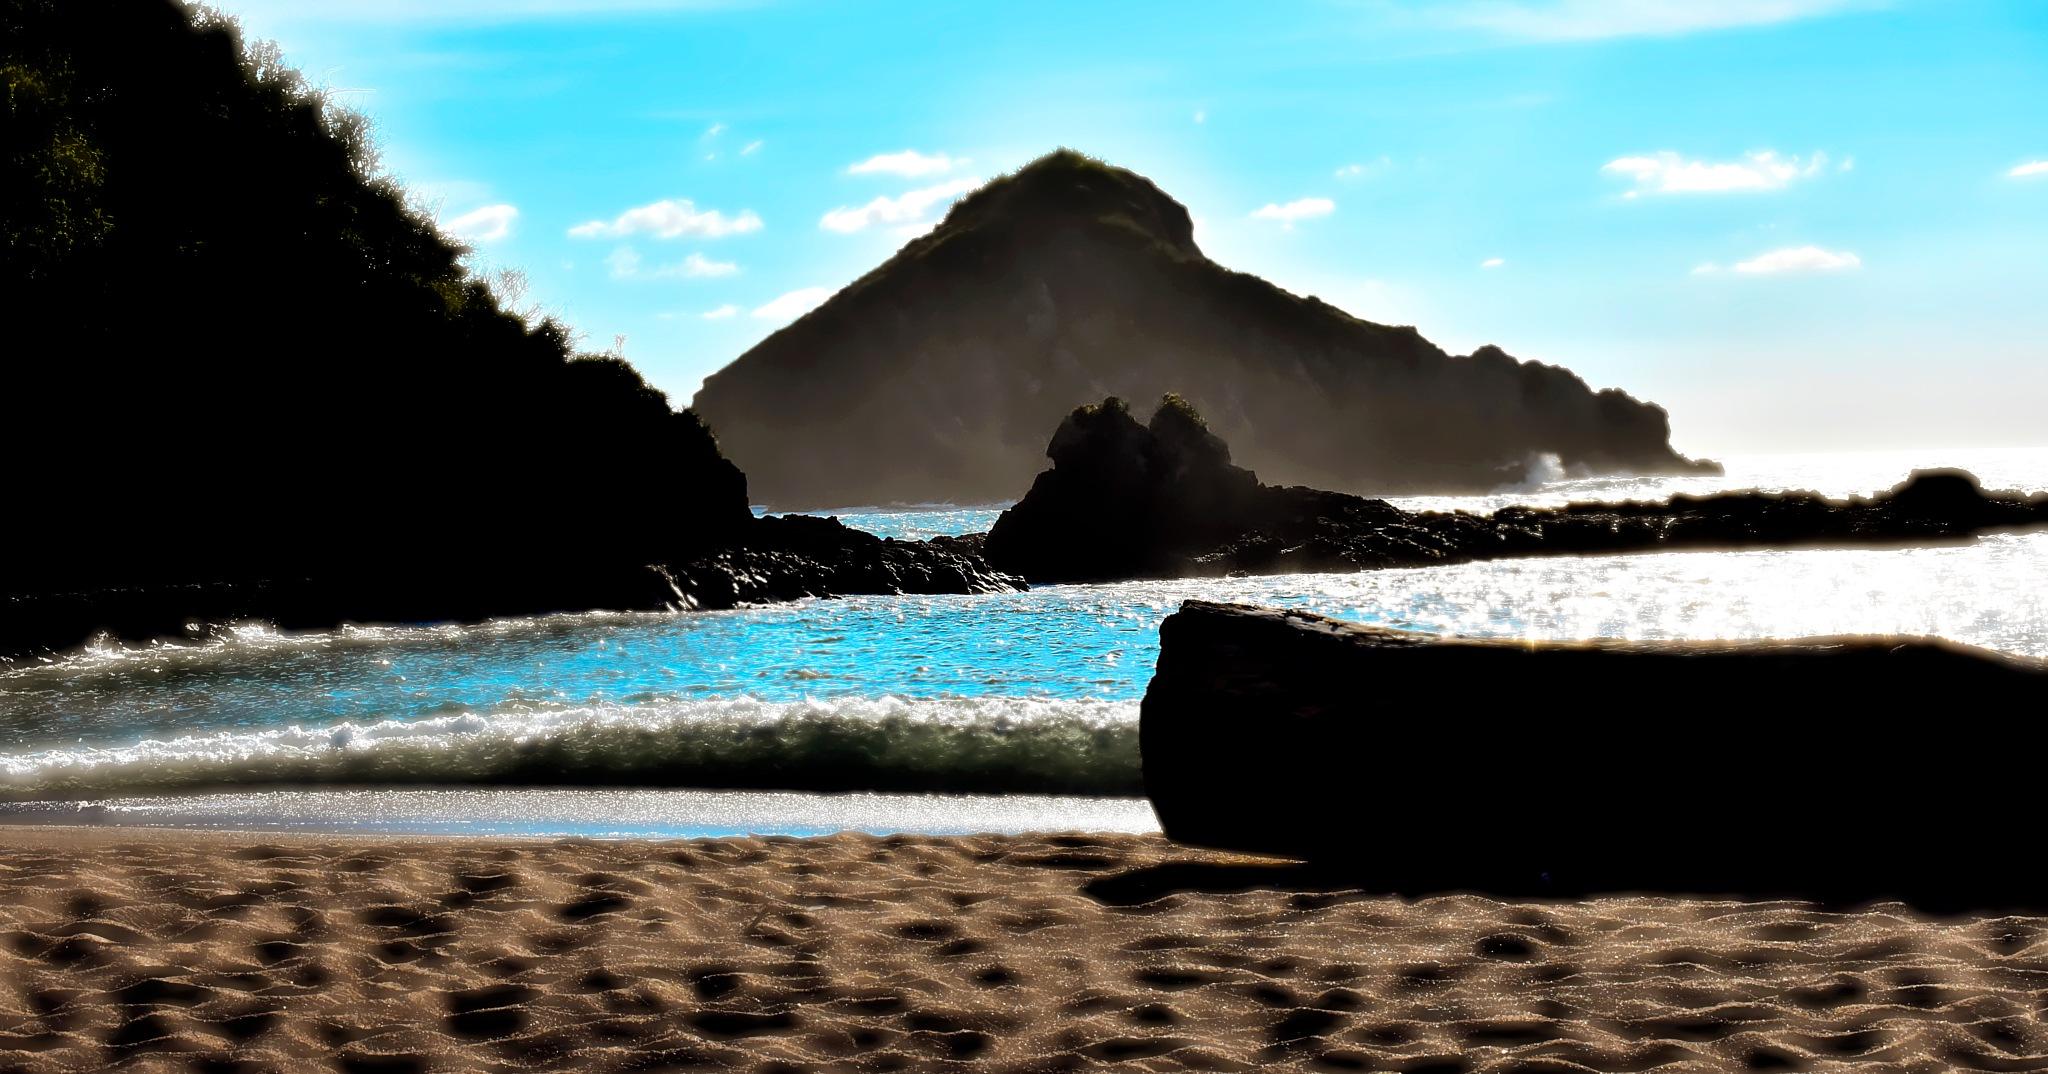 Beach1 by Guillermo Sariñana Siller